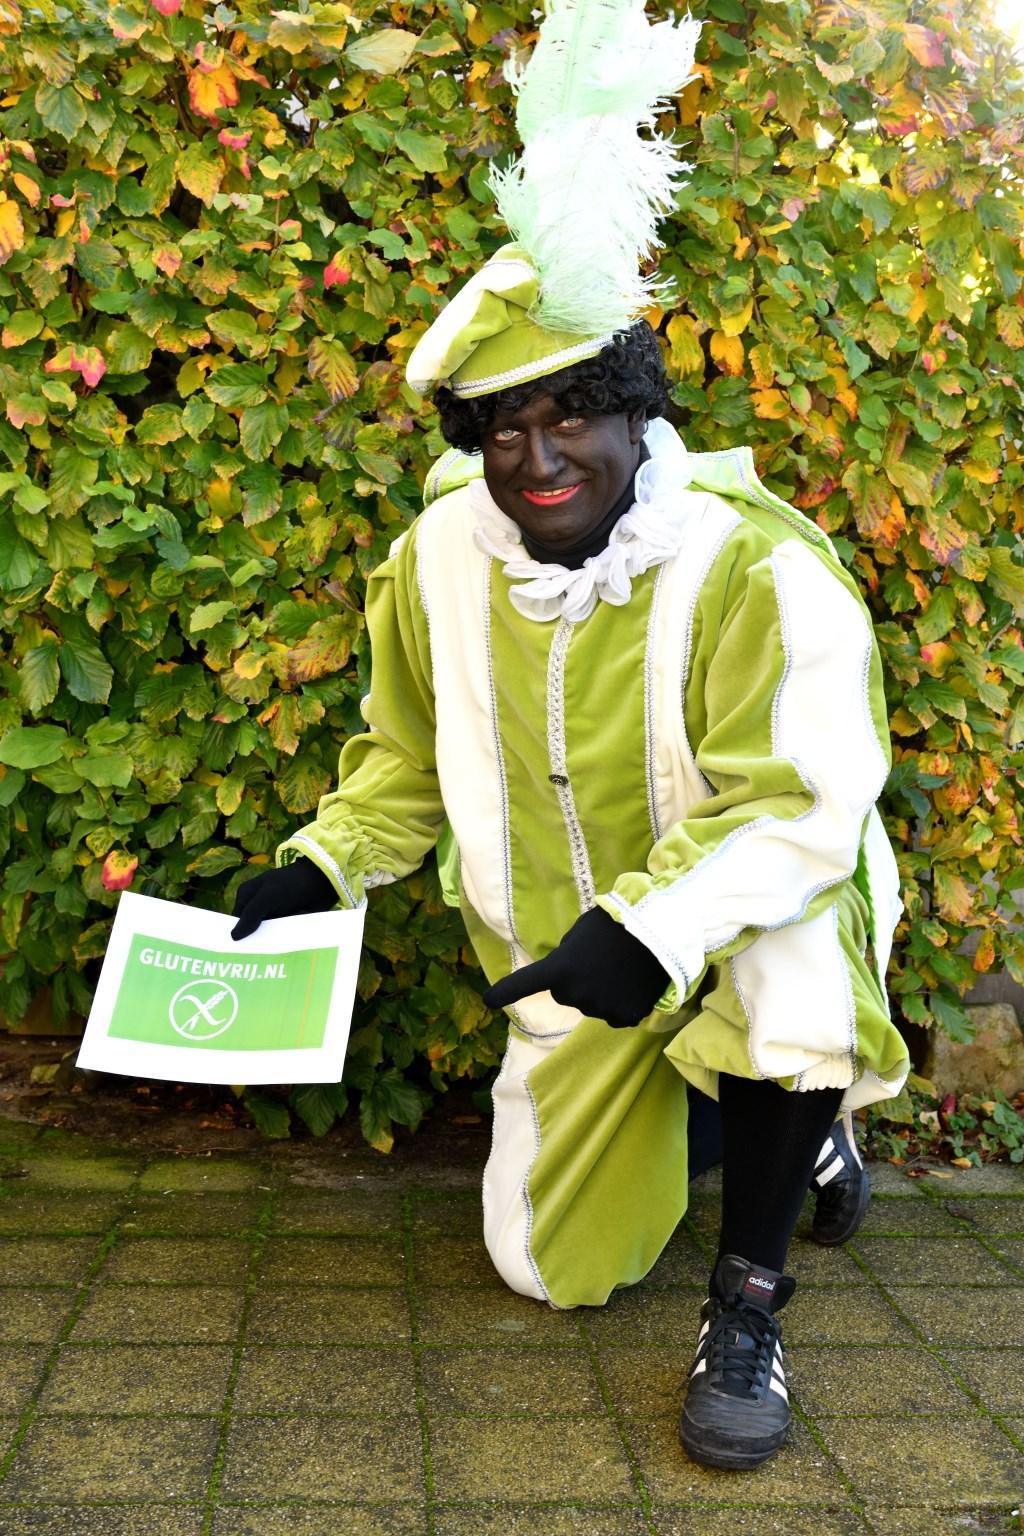 Glutenvrije-Piet Foto: Wil Feijen © DeMooiSonenBreugelKrant